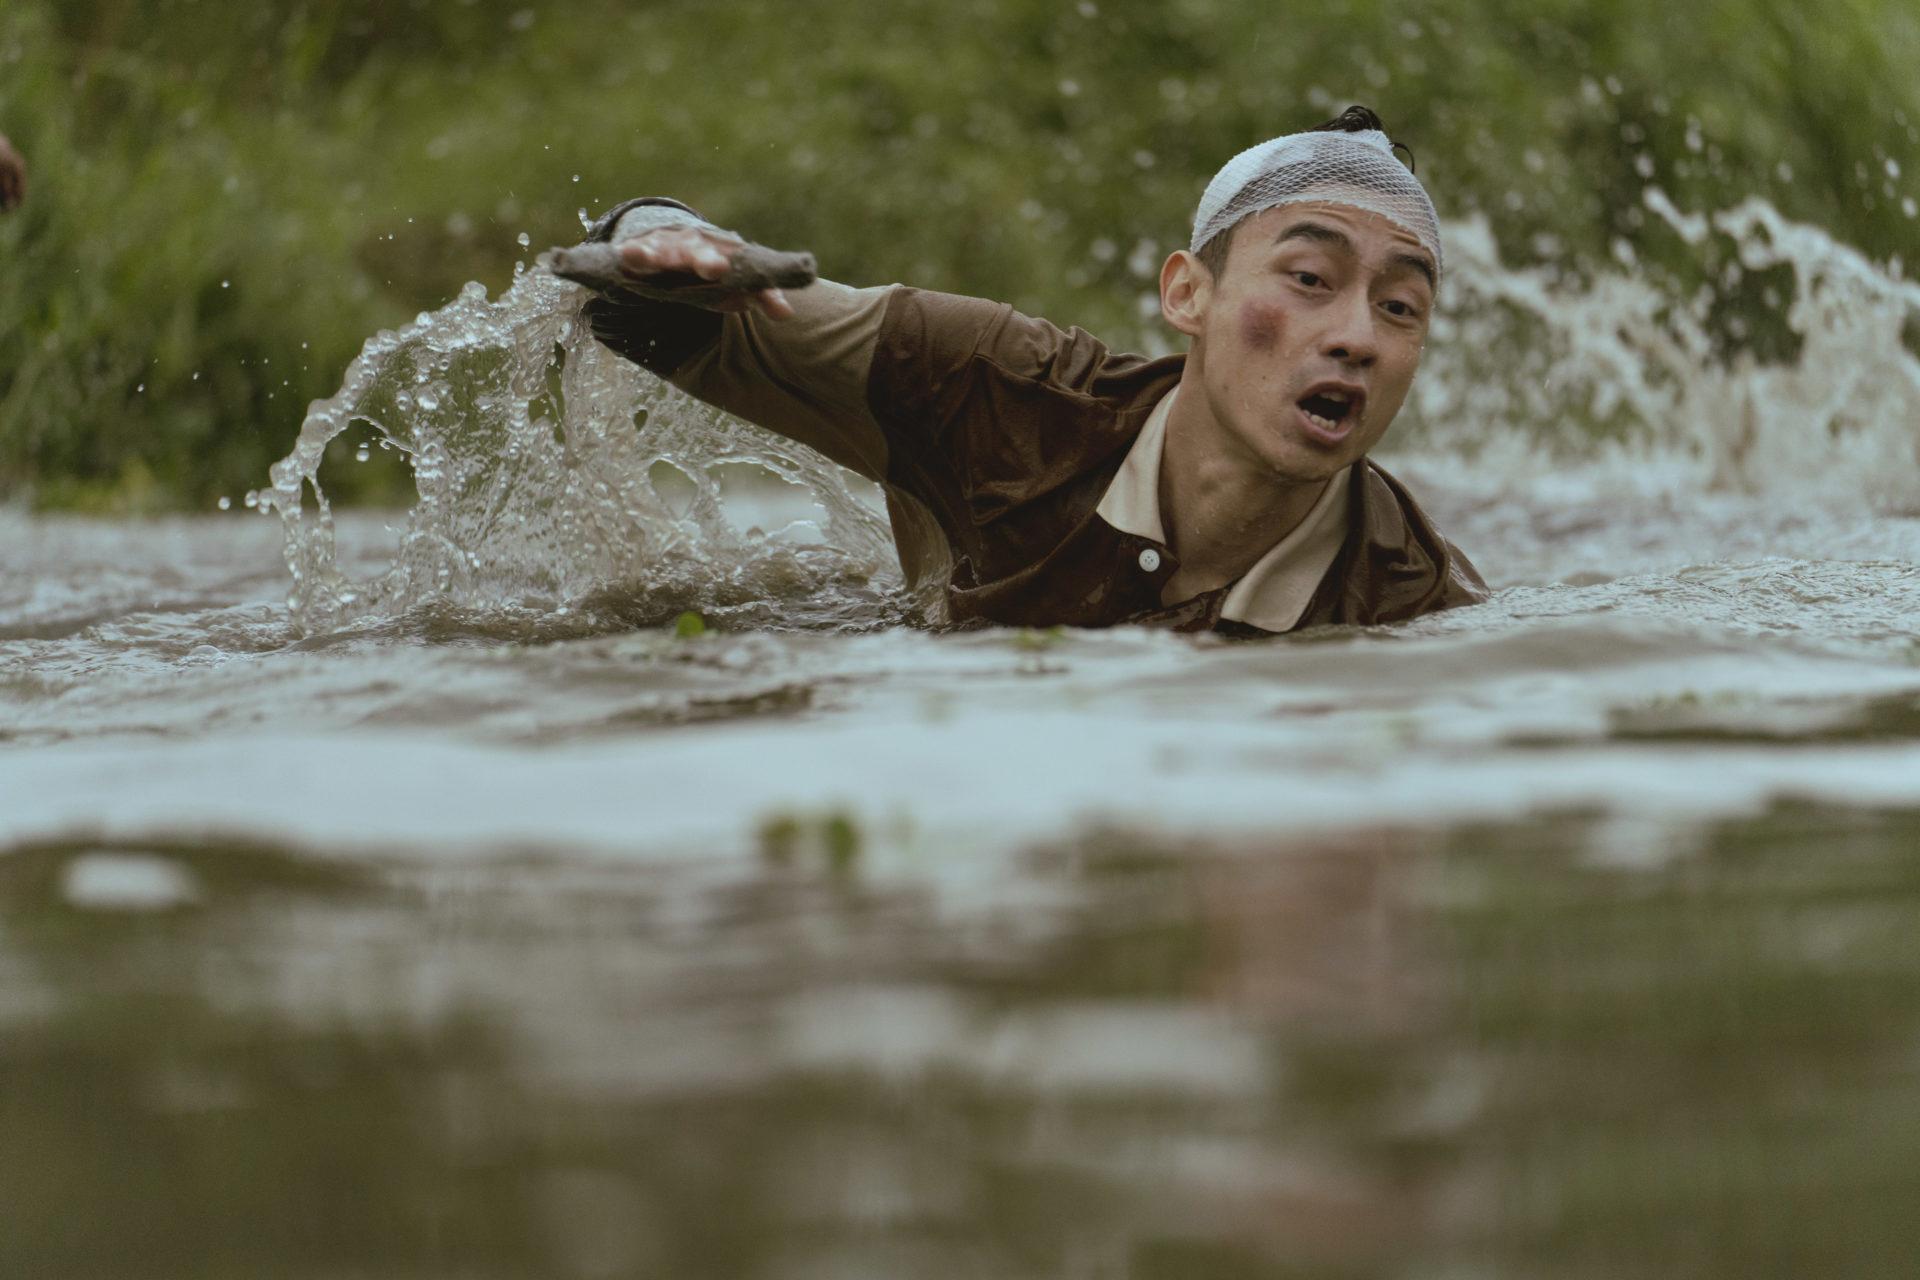 《緝魂》導演程偉豪推「腦洞大開」之作《池塘怪談》 「最佳男配角」林鶴軒拍水中逃生戲嚇到大哭